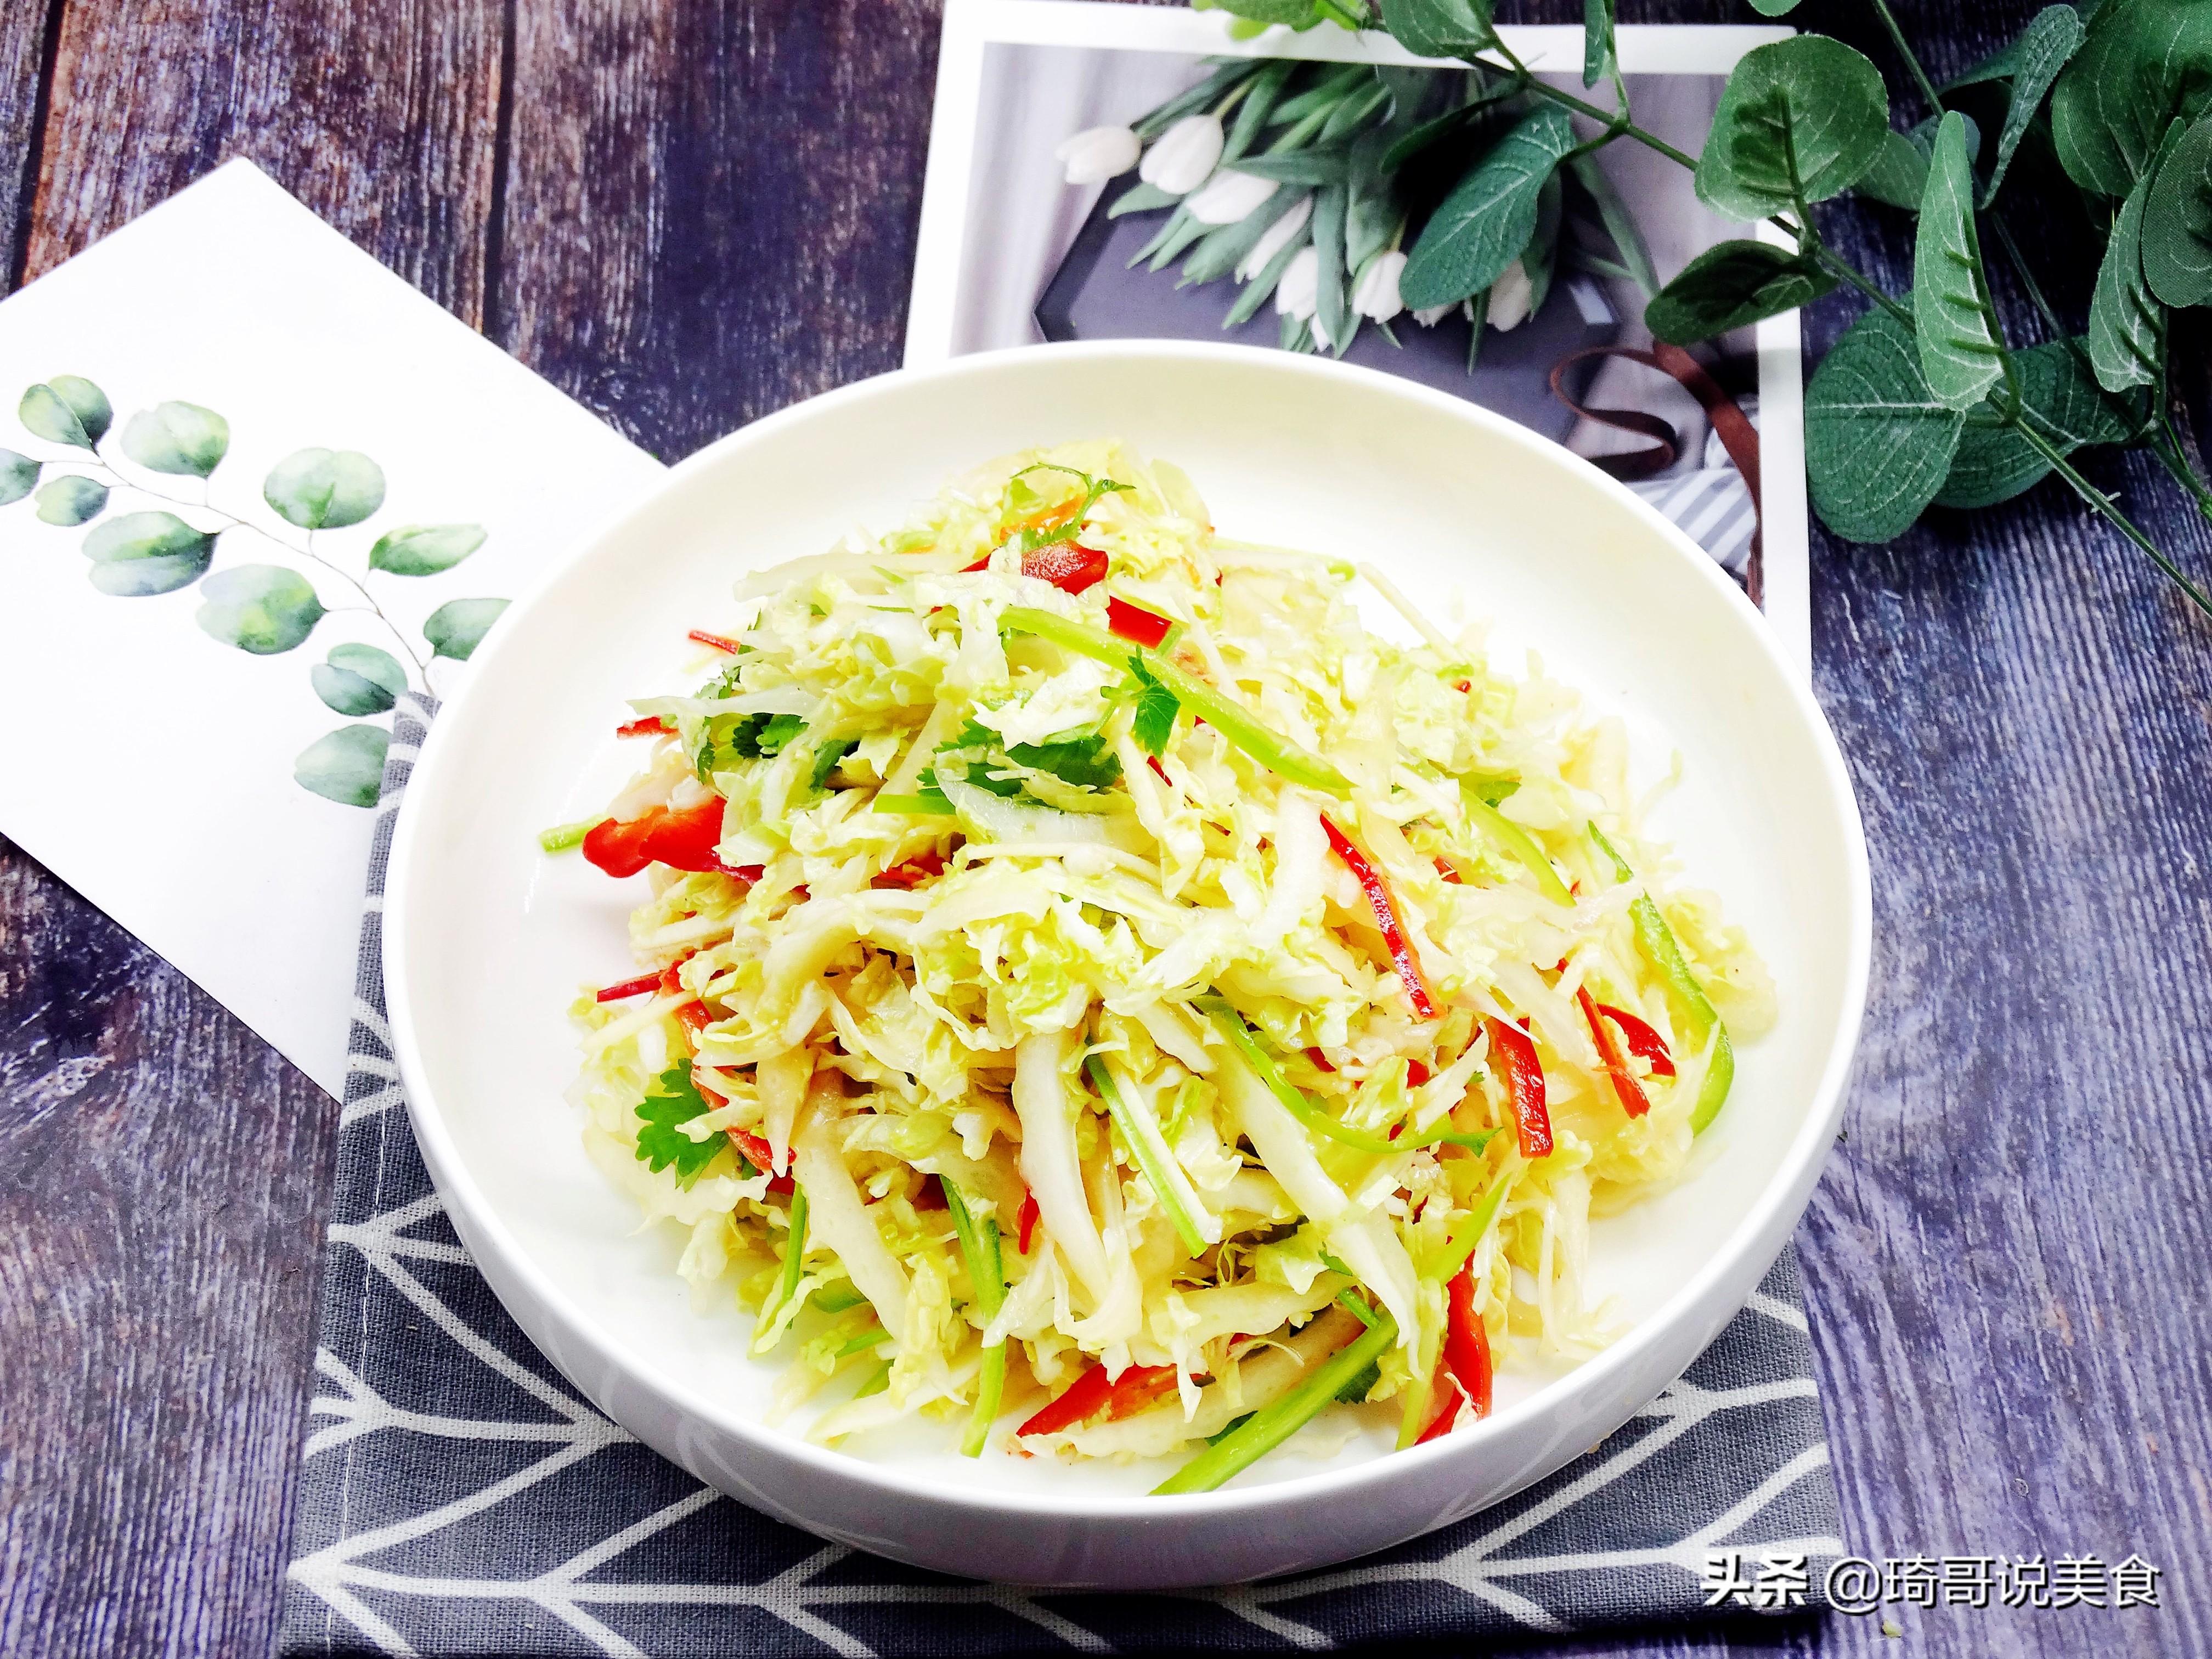 2021春节凉菜清单,比满桌鱼肉受欢迎,10道图解,简单易学 食材宝典 第4张